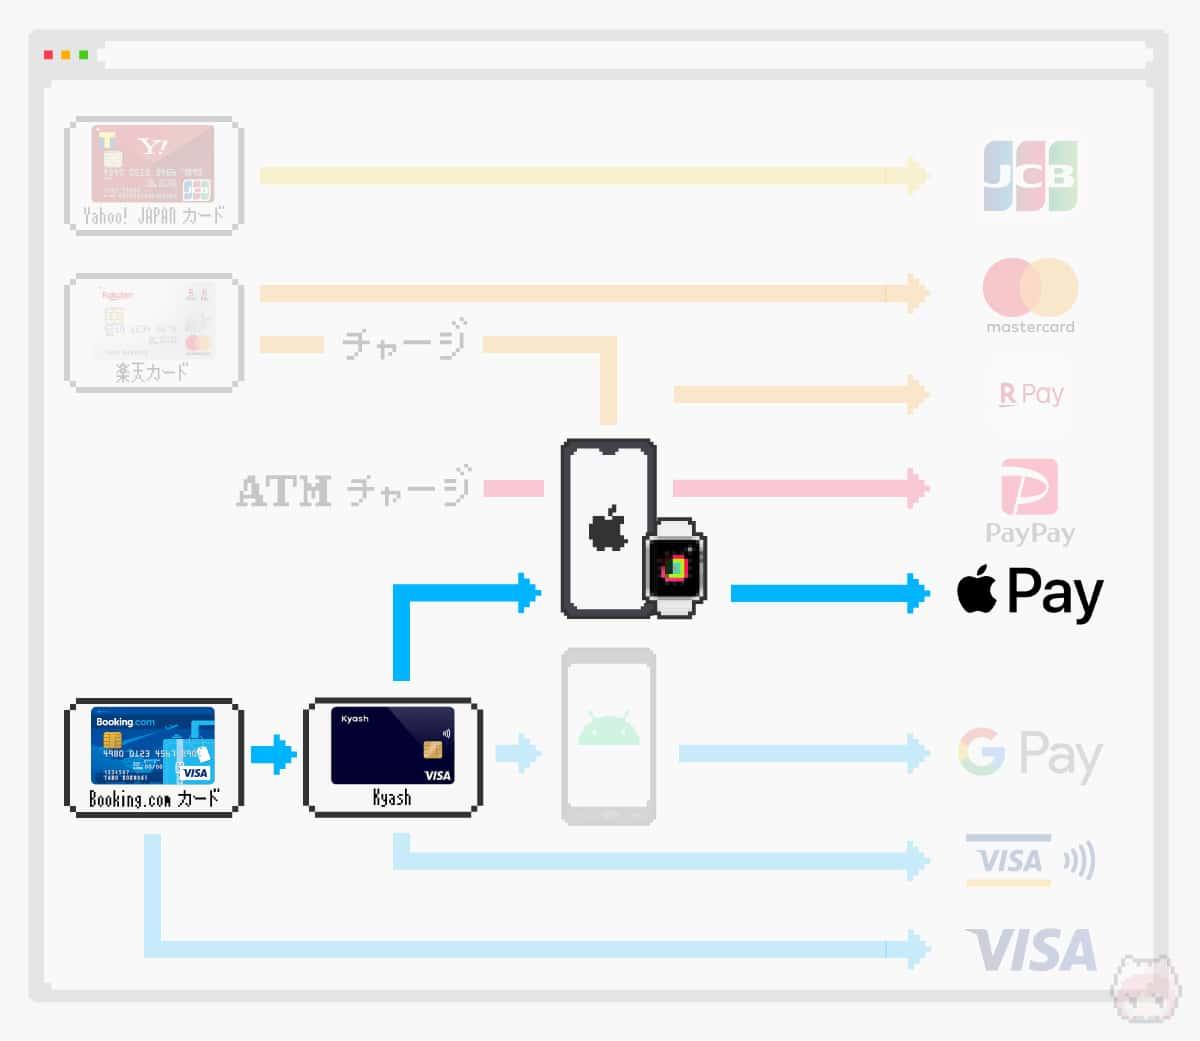 Apple Watch(Apple Pay)を最優先で利用